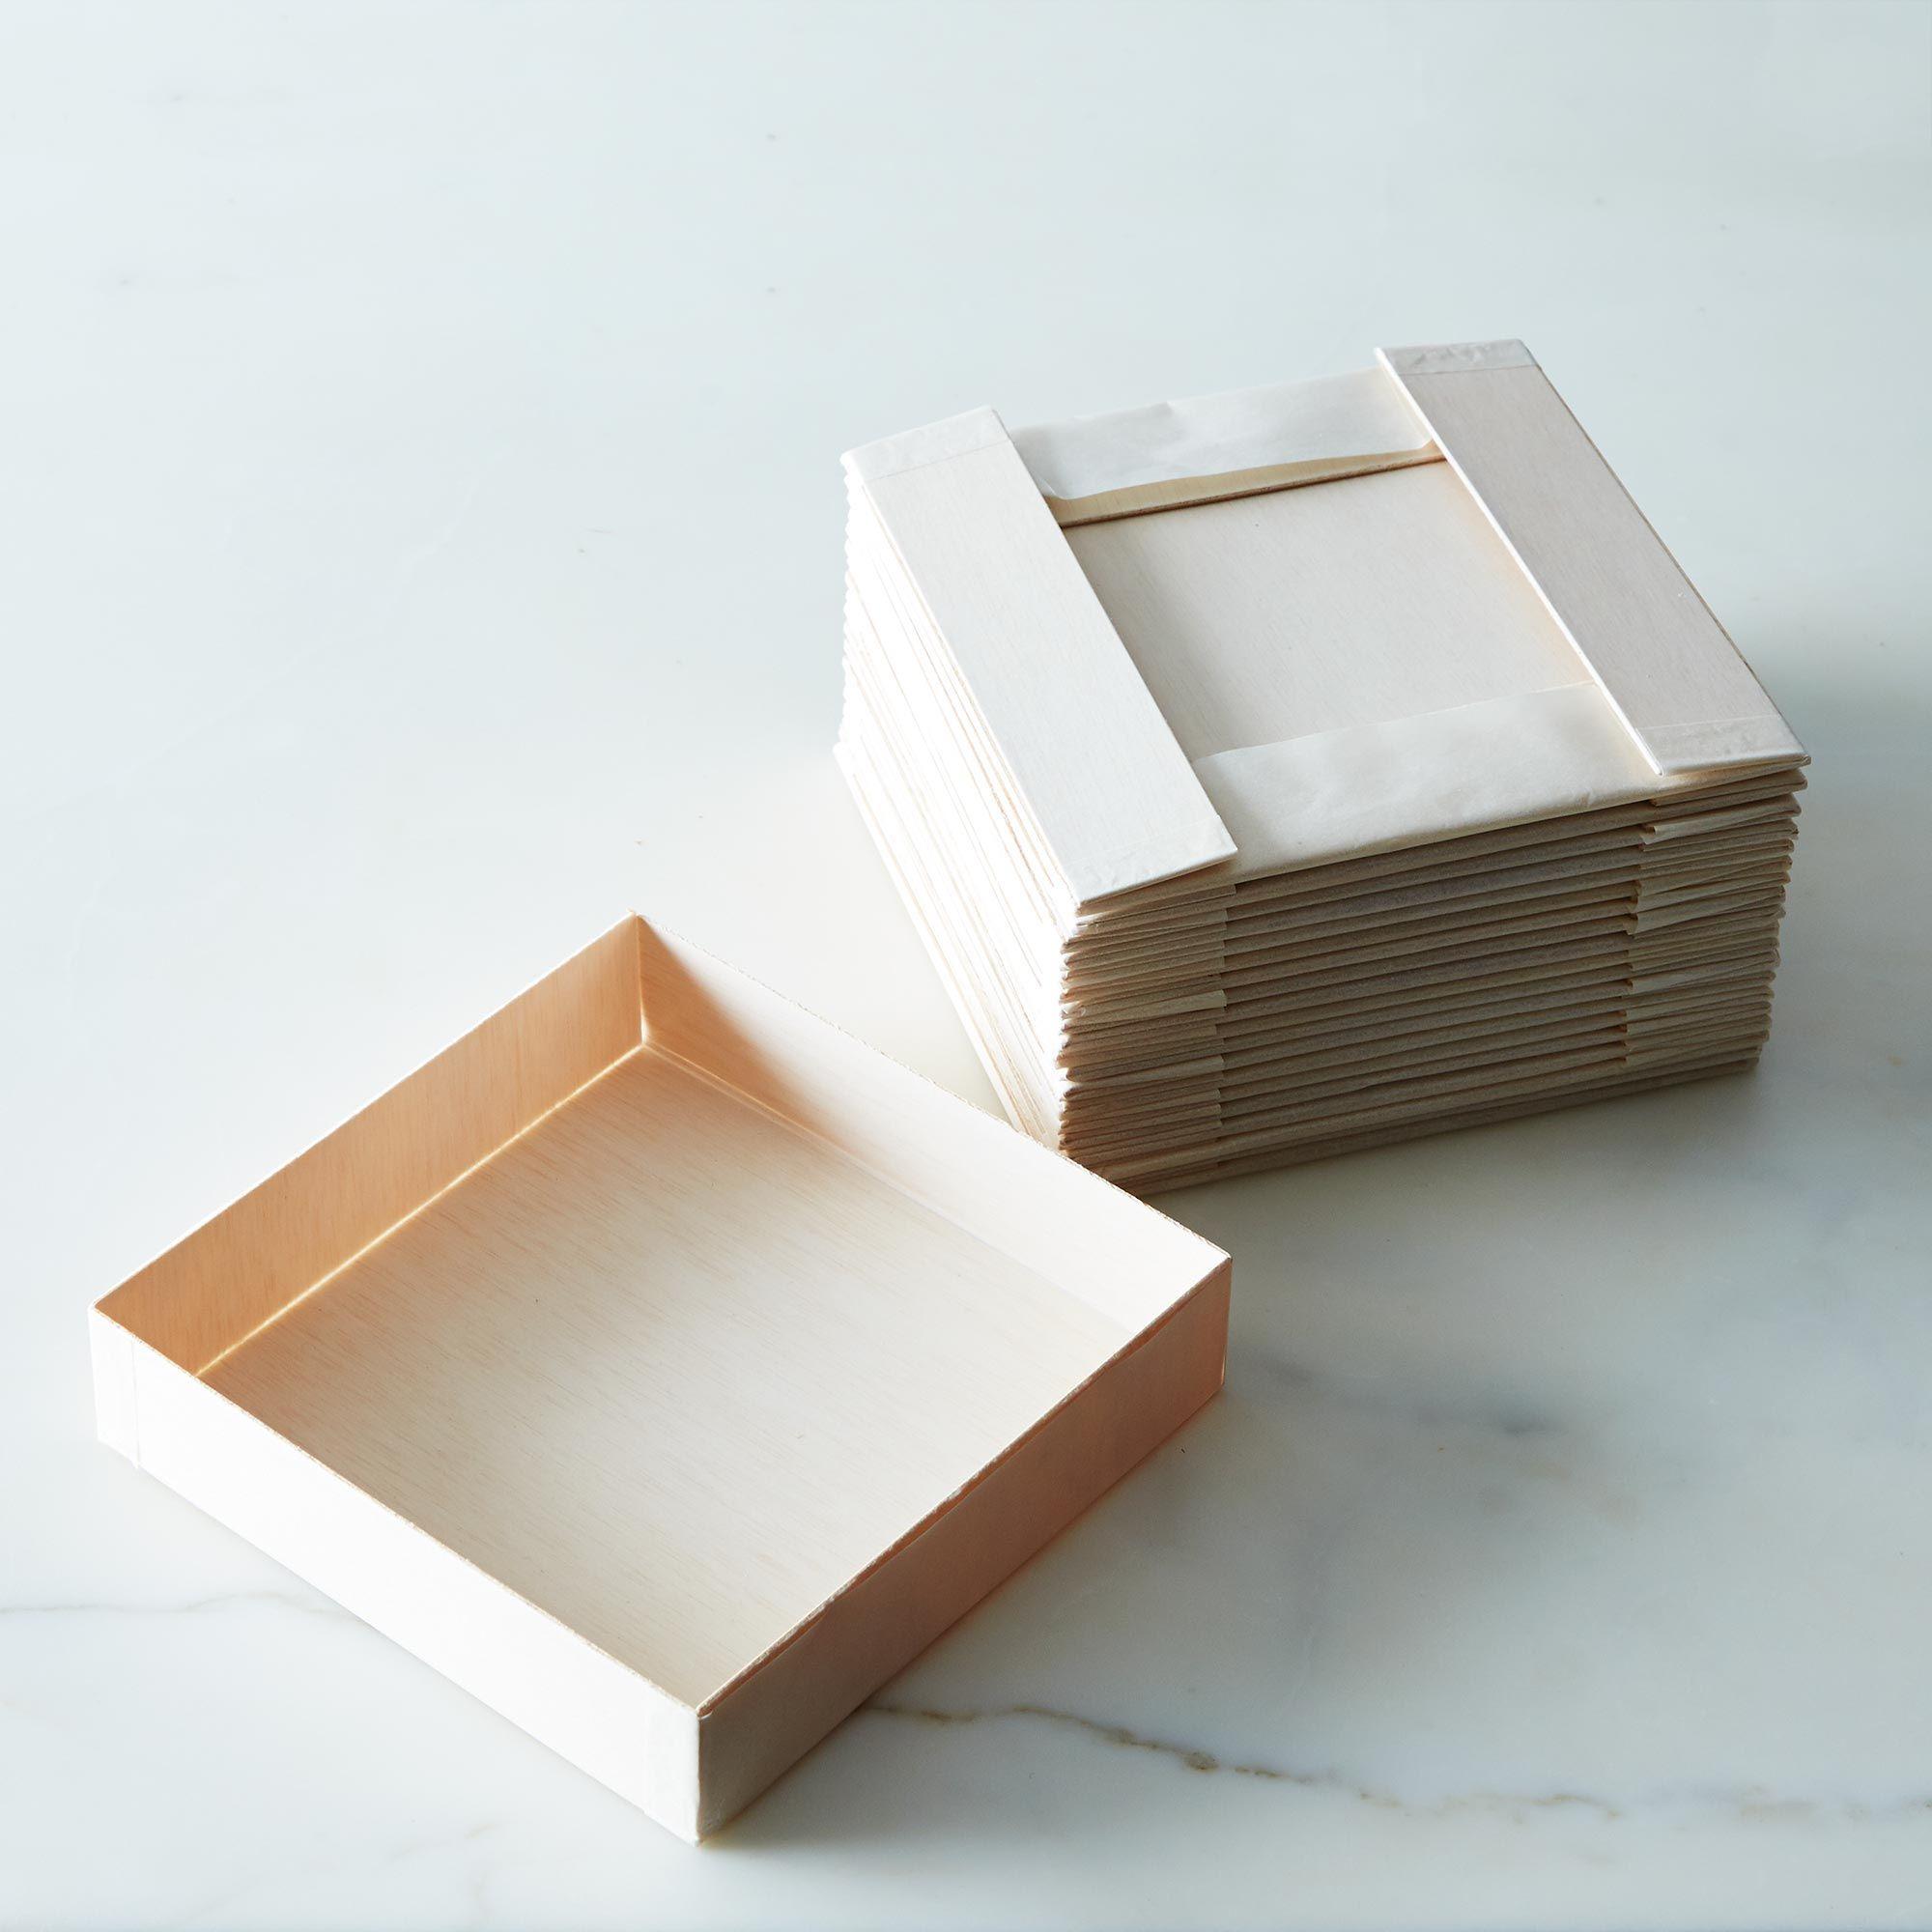 wooden plates by carol jahn